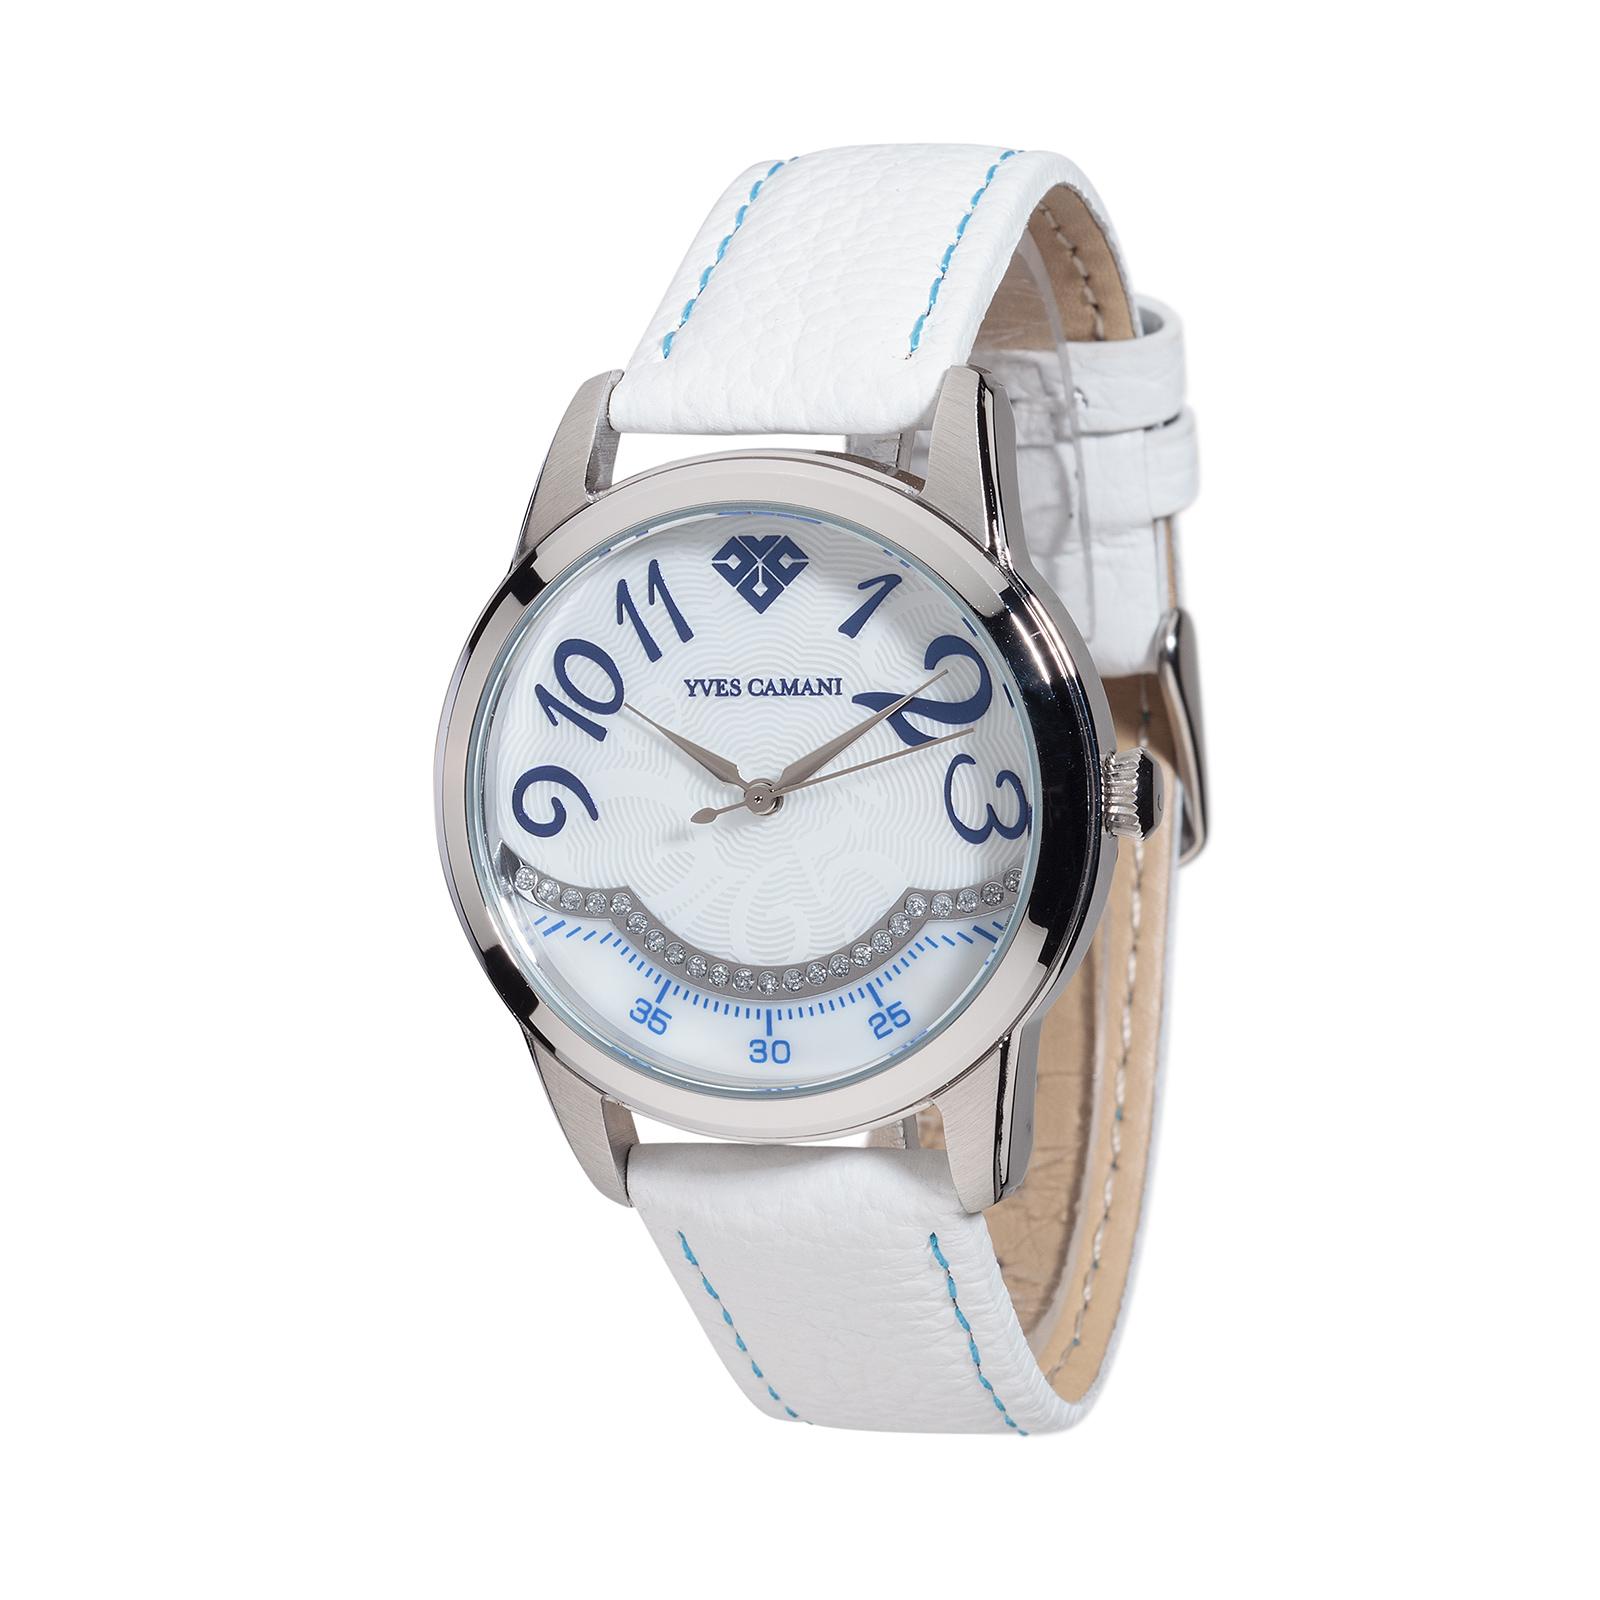 2146da2f8c Yves Camani Champaubert Montre Femme Acier Blanche Bleu Cristaux De ...